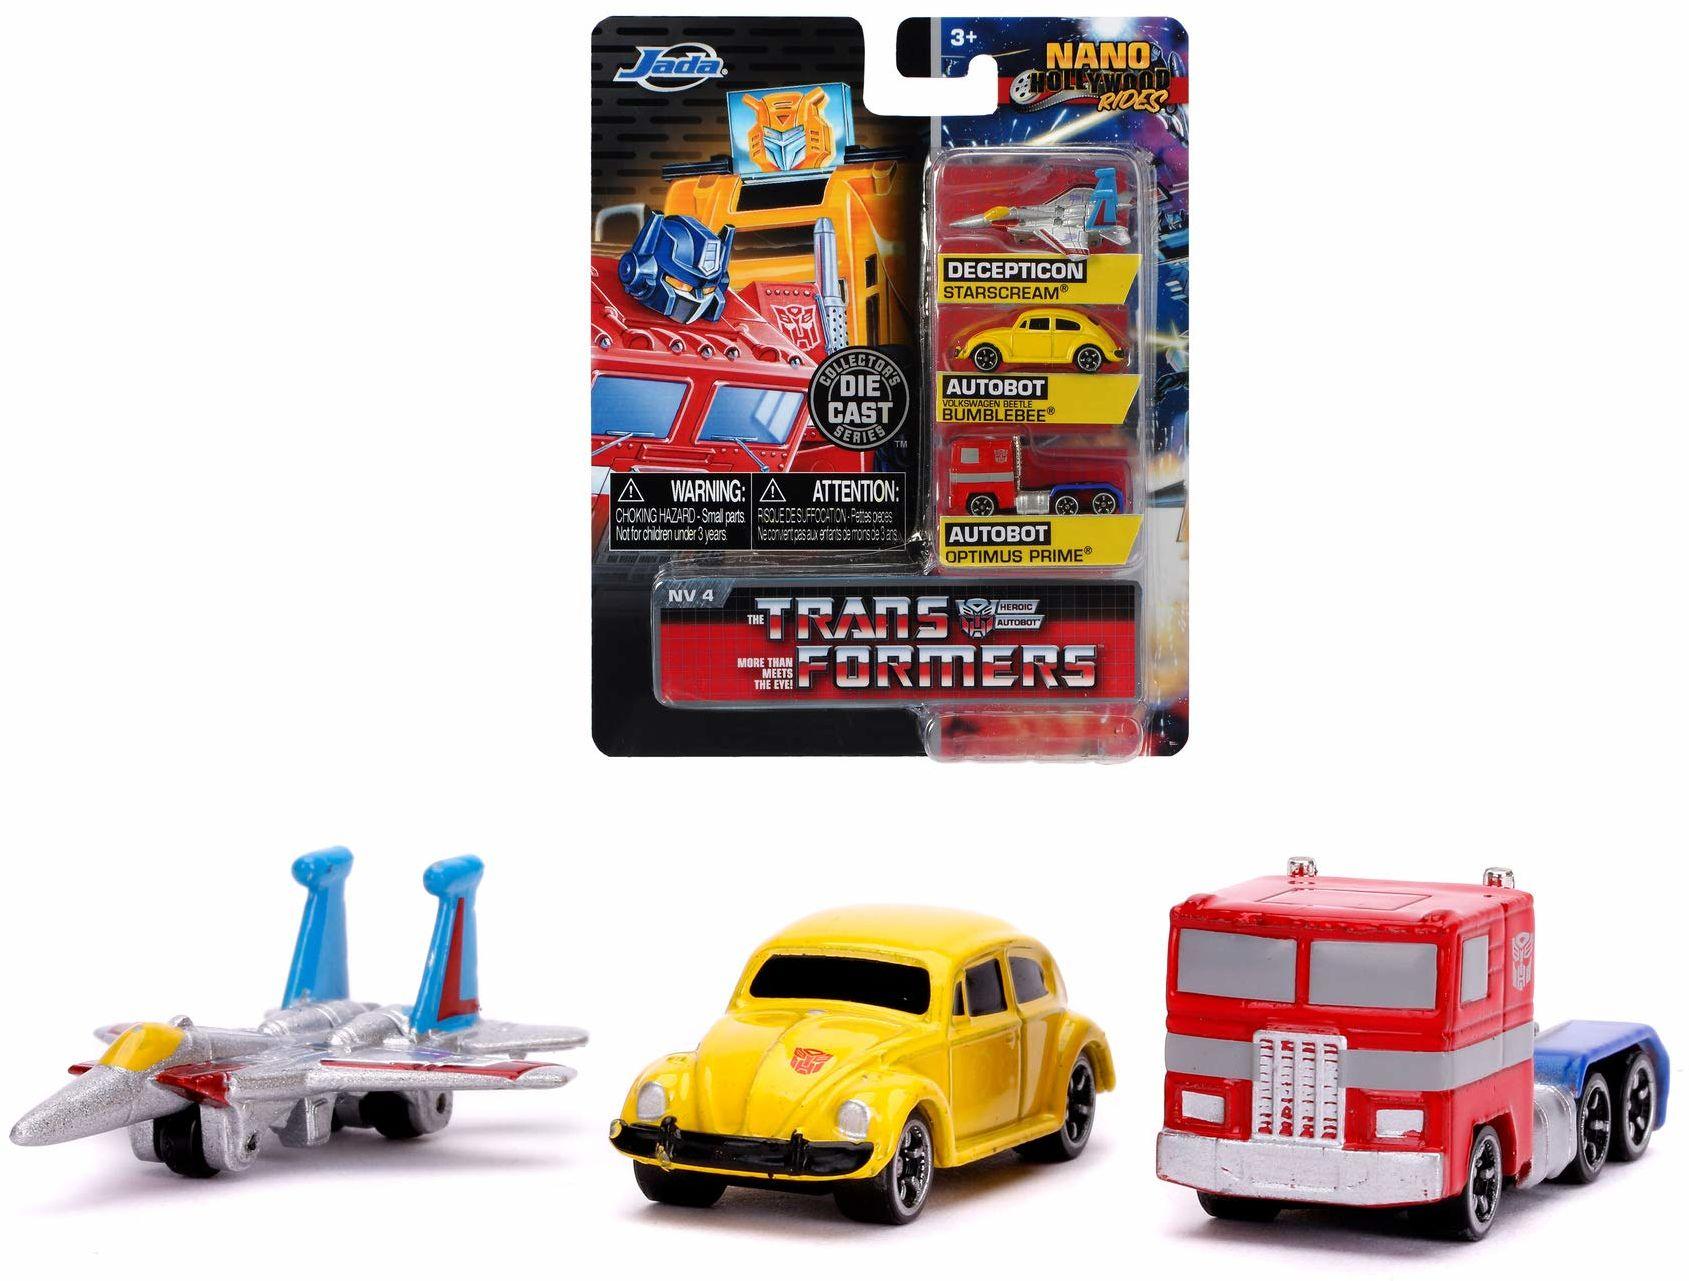 Jada Toys 253111005 Transformers samochody kolekcjonerskie Nano z Die-cast Optimus Prime, Starscream, G1 Bumblebee VW Beetle, samochody zabawkowe, zestaw, 4 cm, od 8 lat